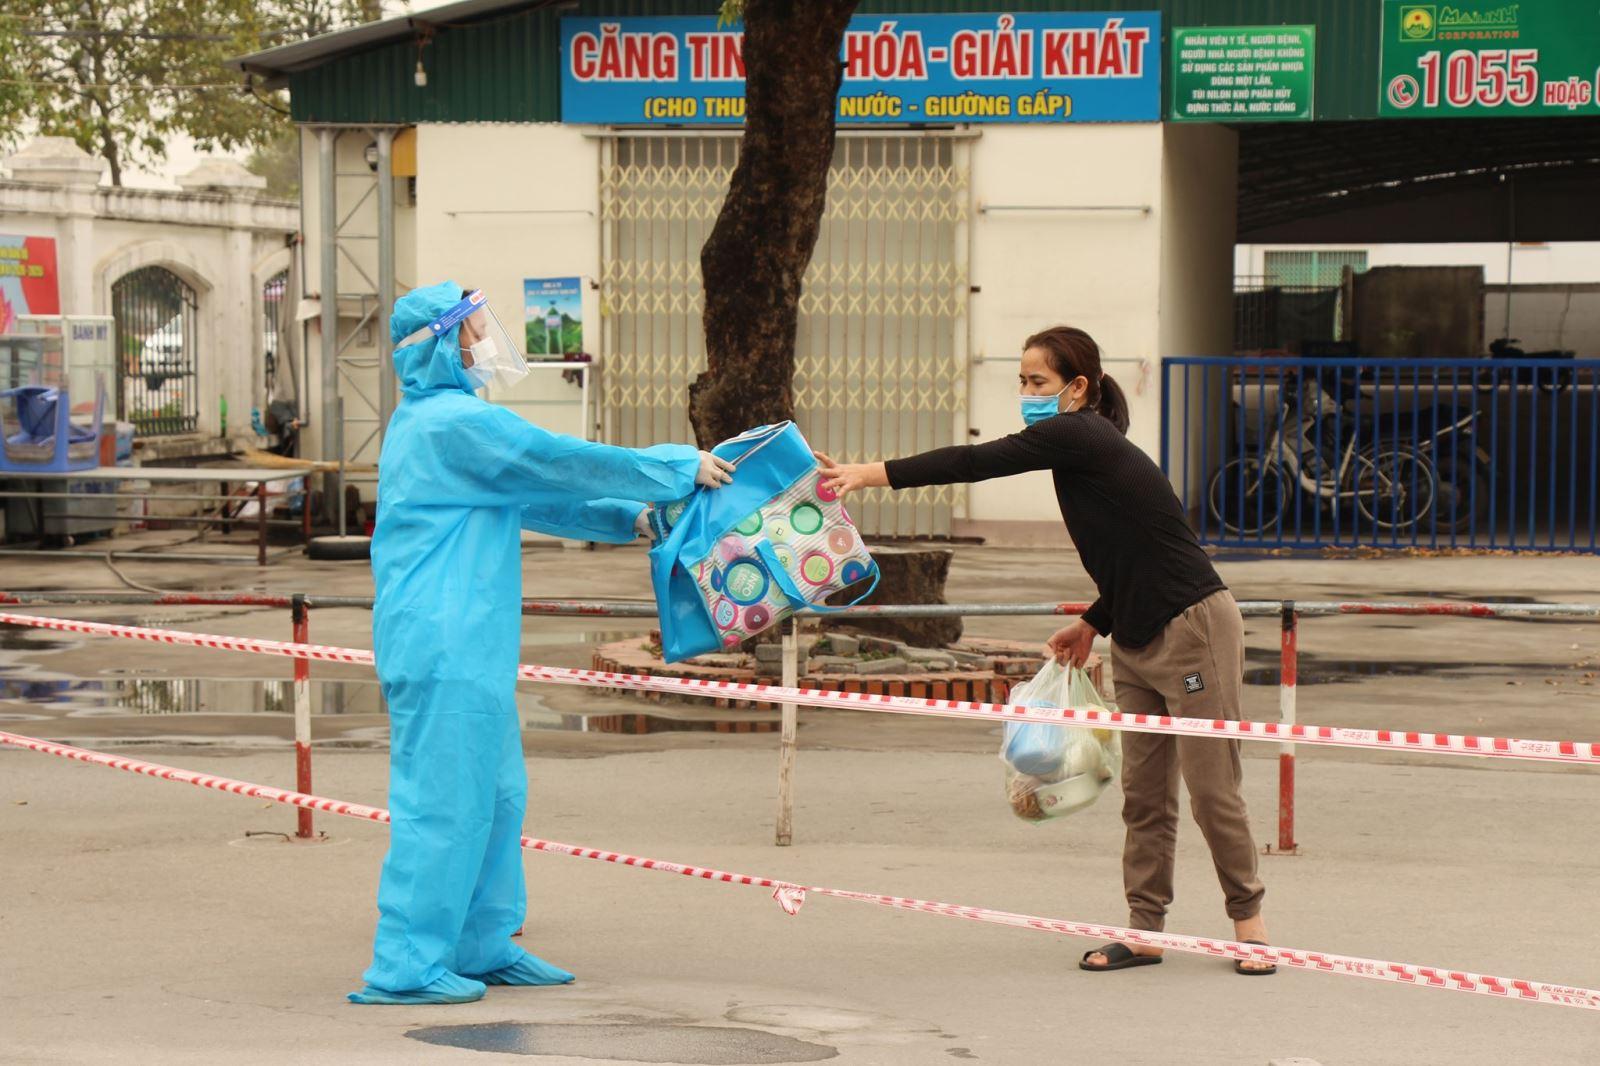 Ca dương tính SARS-CoV-2 ở quận Nam Từ Liêm, Hà Nội tiếp xúc rất nhiều người, đi ăn cưới ở Thái Bình - Ảnh 1